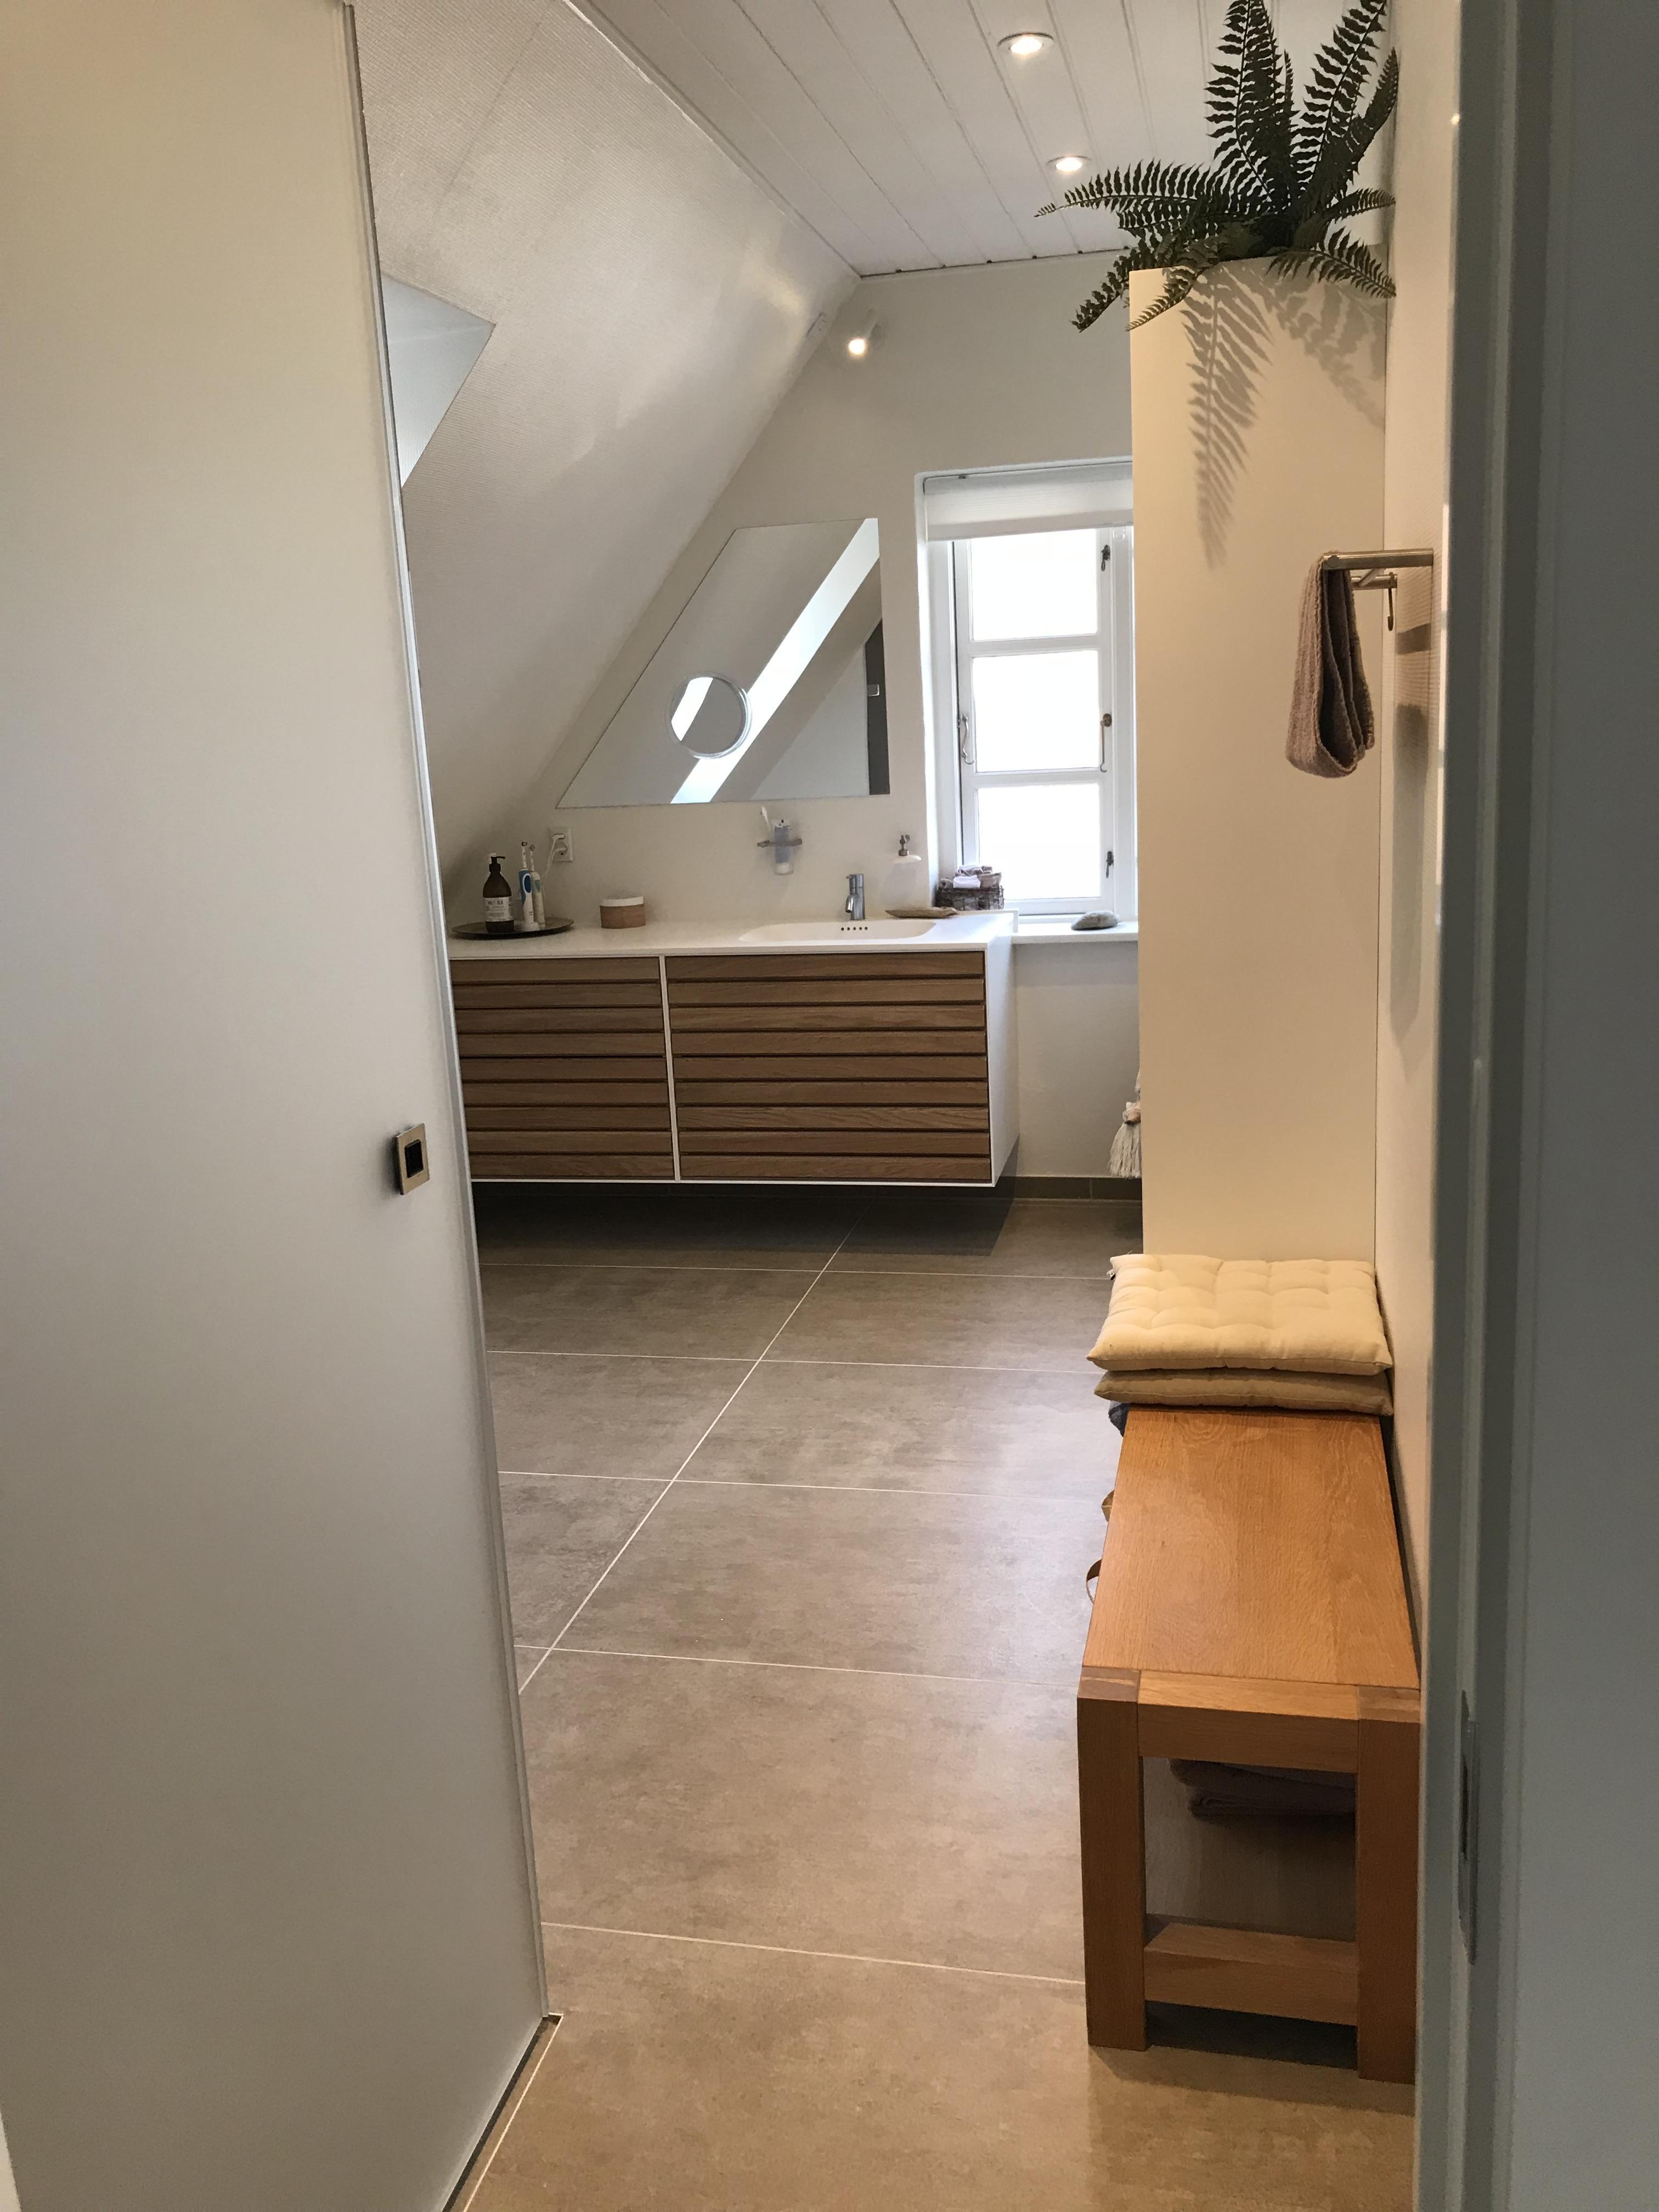 Tømrer- og Snedkerfirmaet Bork & Burkal ApS - Tagmaler, Tagmaling, Tagrensning - Kolding